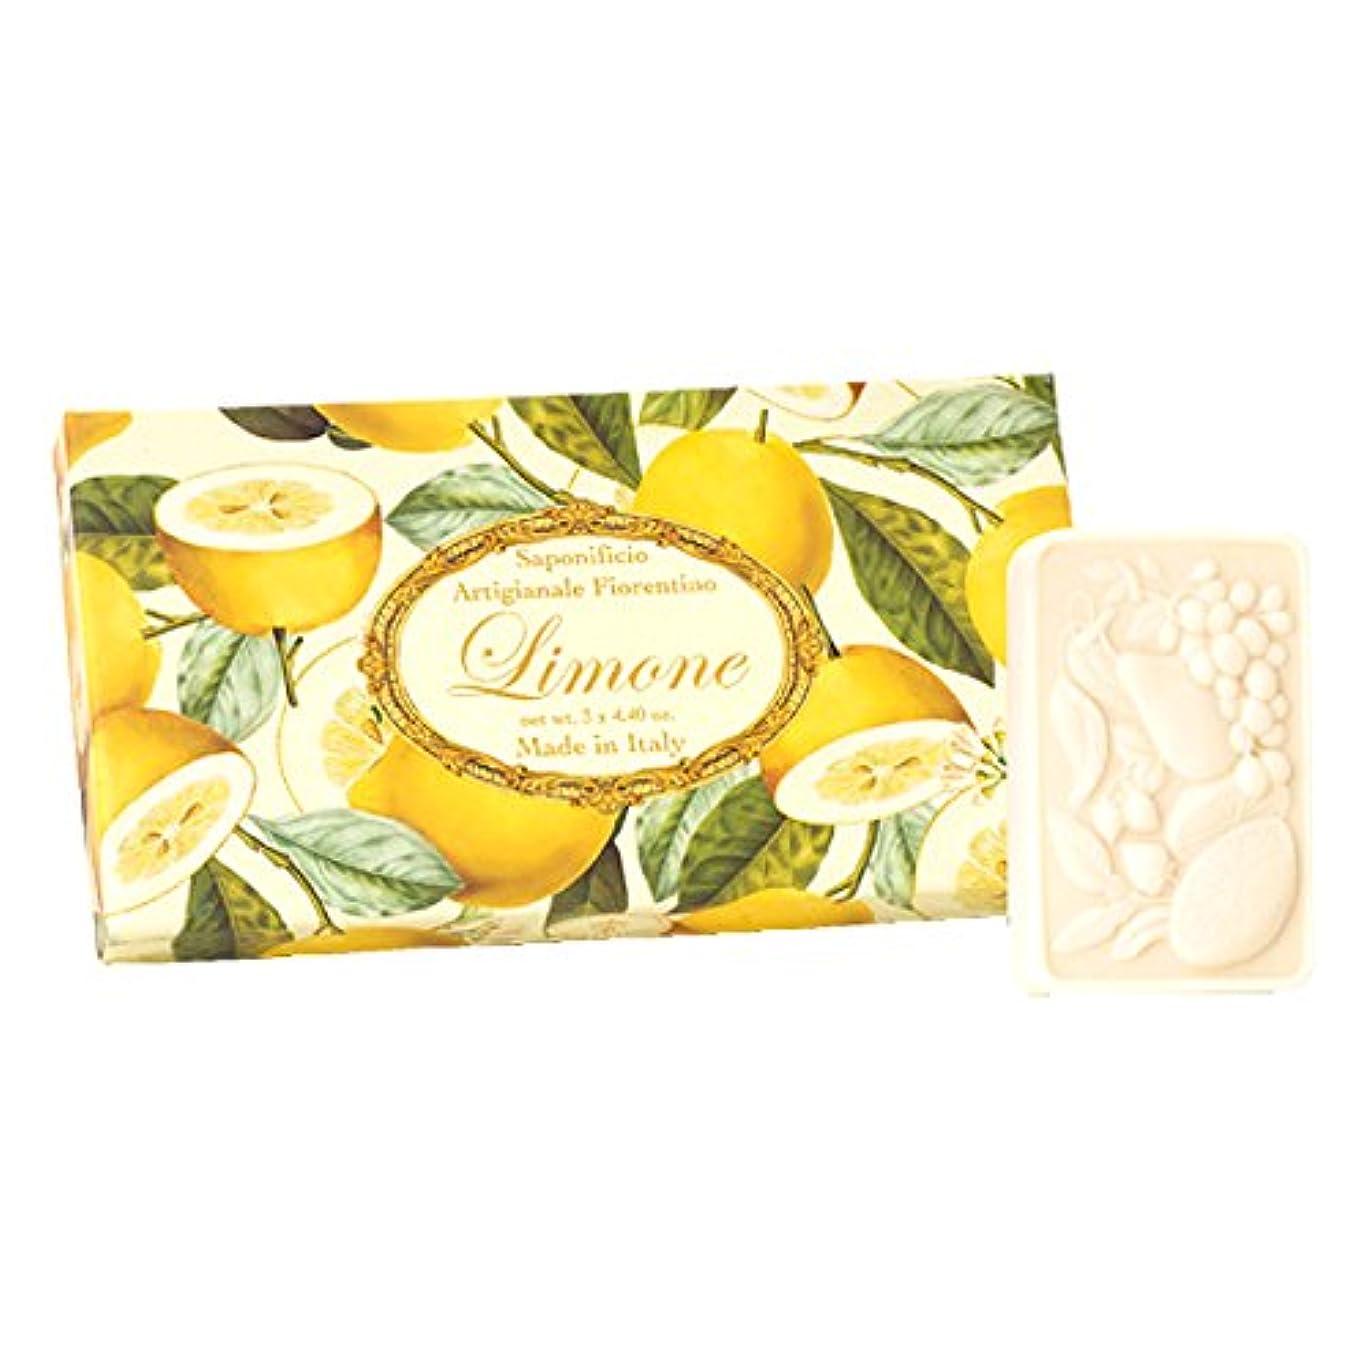 ヨーグルト厳トチの実の木フィレンツェの 長い歴史から生まれたこだわり石鹸 レモン【刻印125g×3個セット】